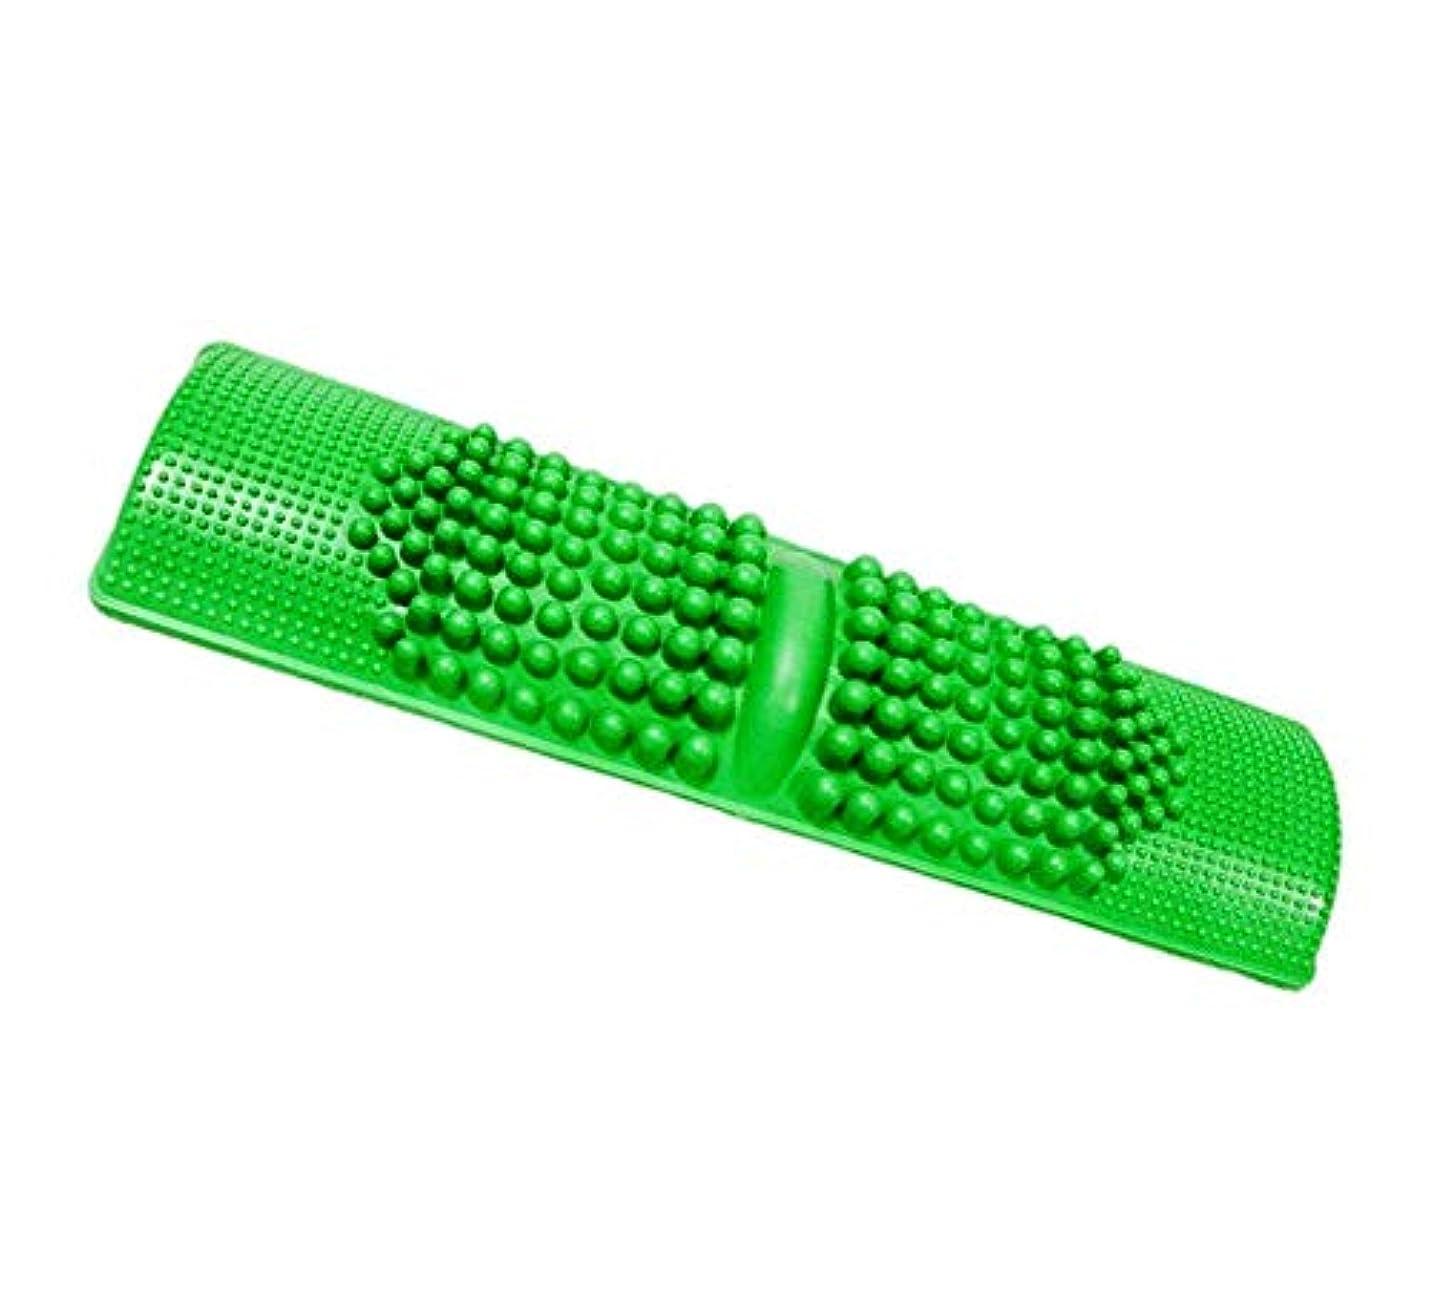 通り抜ける返済呼吸するDamine 簡単に健康維持 足つぼマッサージ BIGサイズ 足 踏み 足裏 刺激 血行促進 (グリーン)